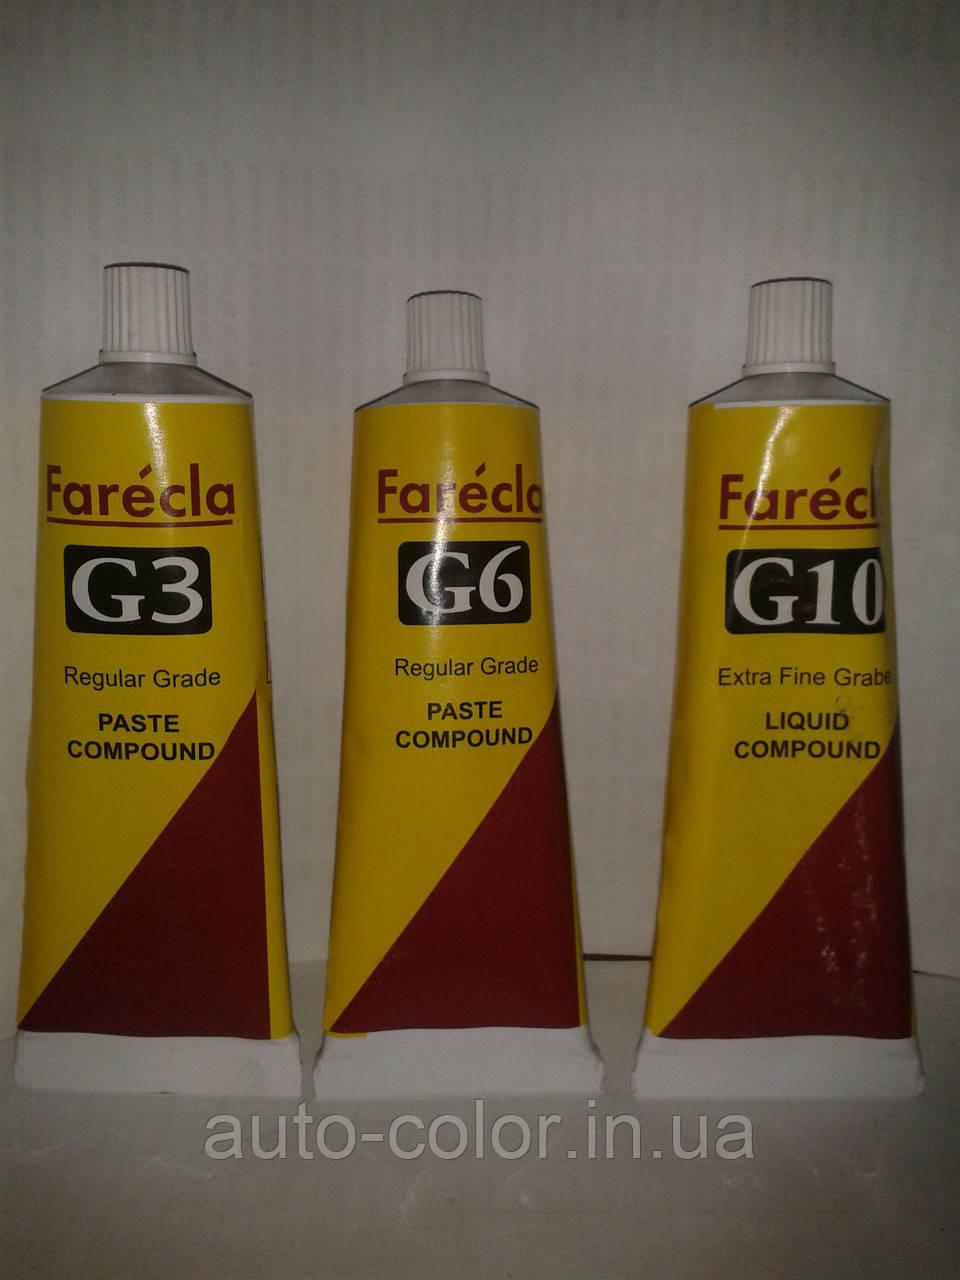 Farecla G6 полірувальна паста Regular Grade 0,150 кг